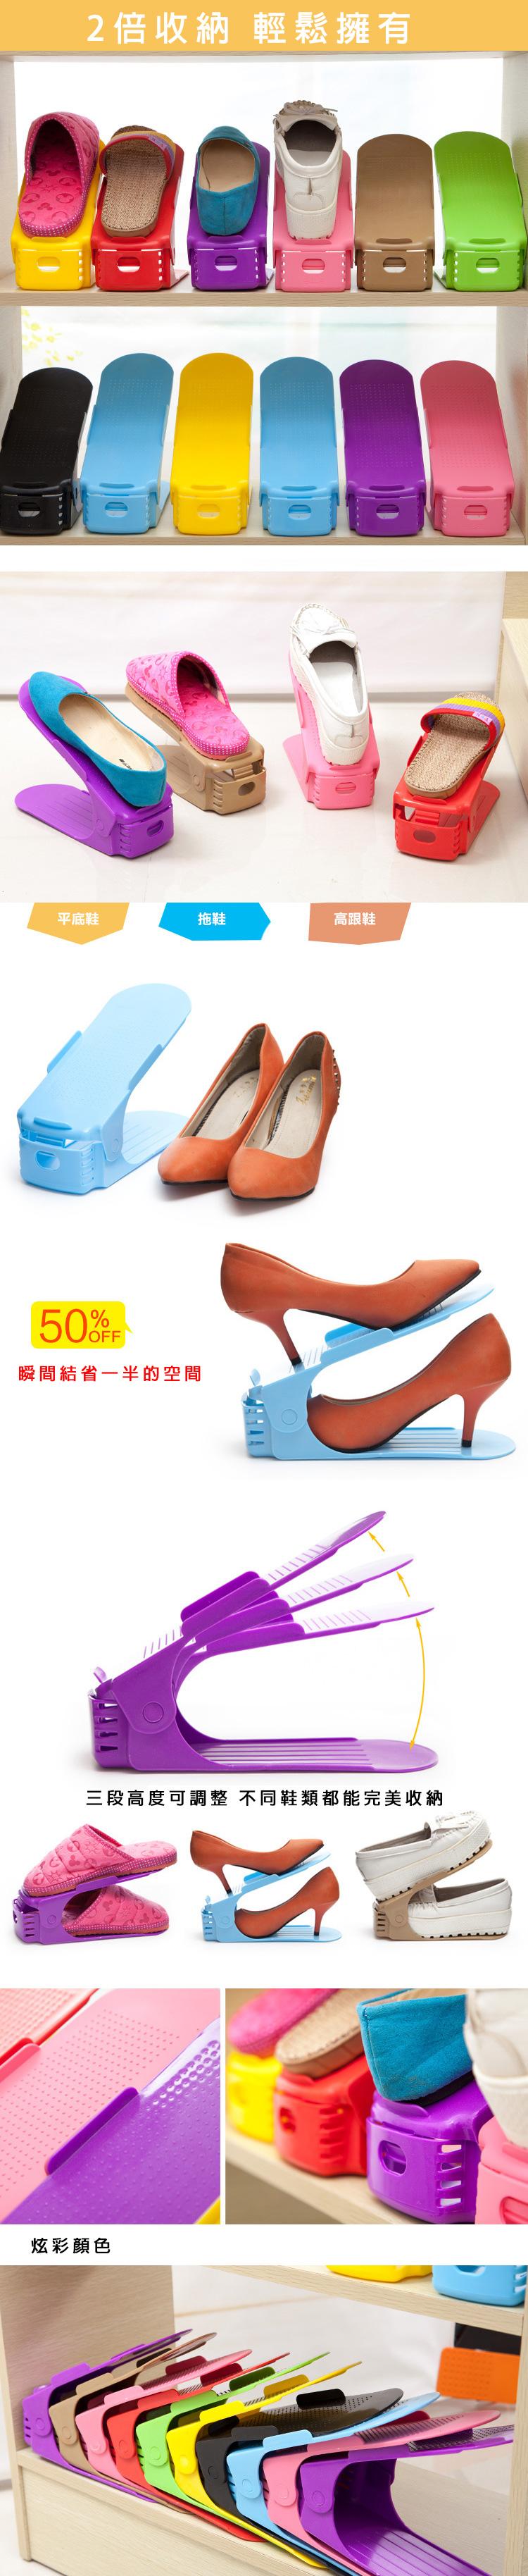 摺疊鞋架EC